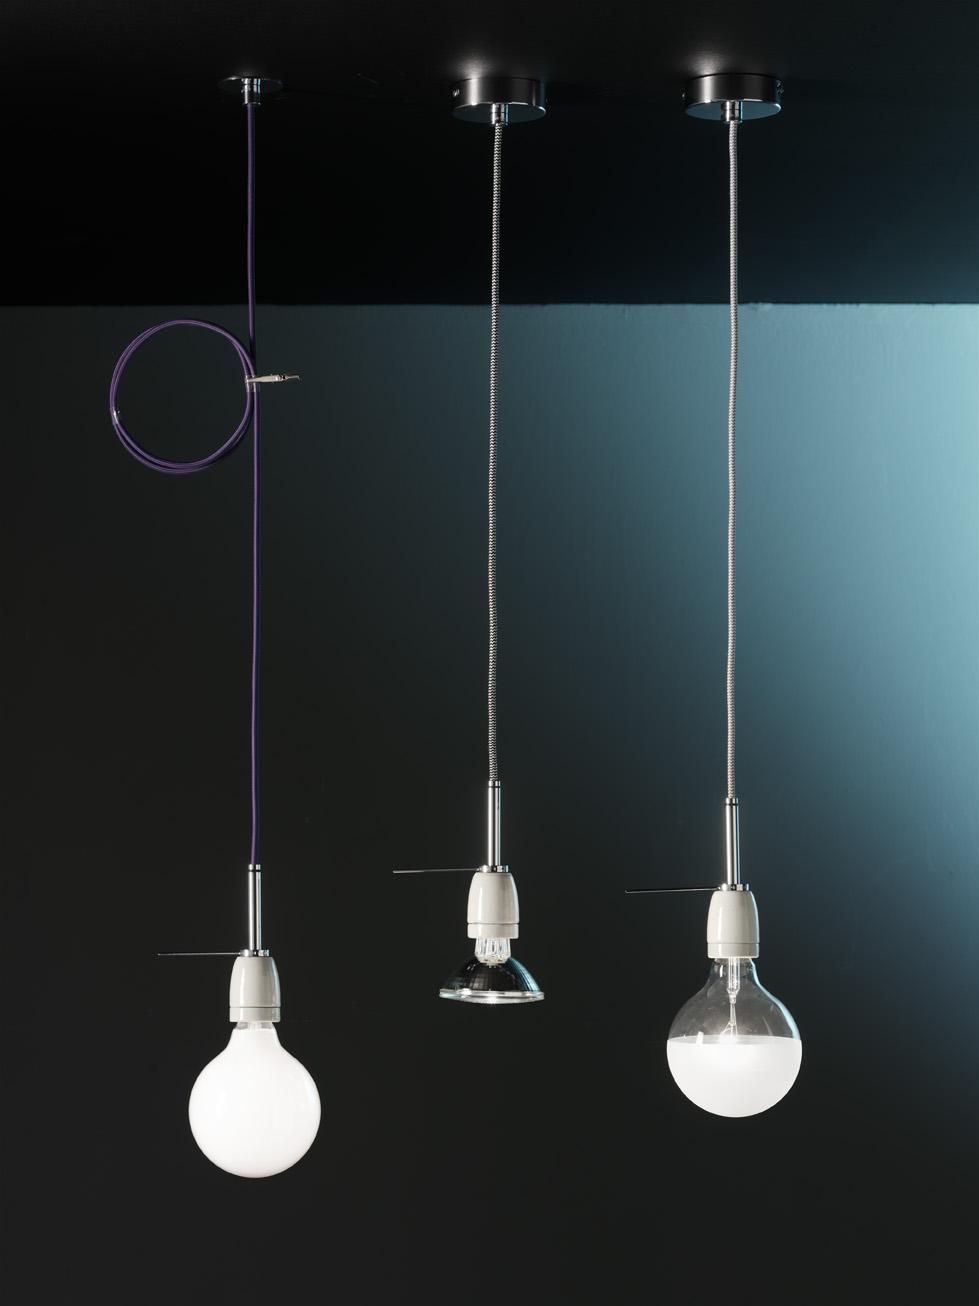 lampadari vesoi : VESOI CERAUNIDEA (92.7?) Lampadari Sospensioni